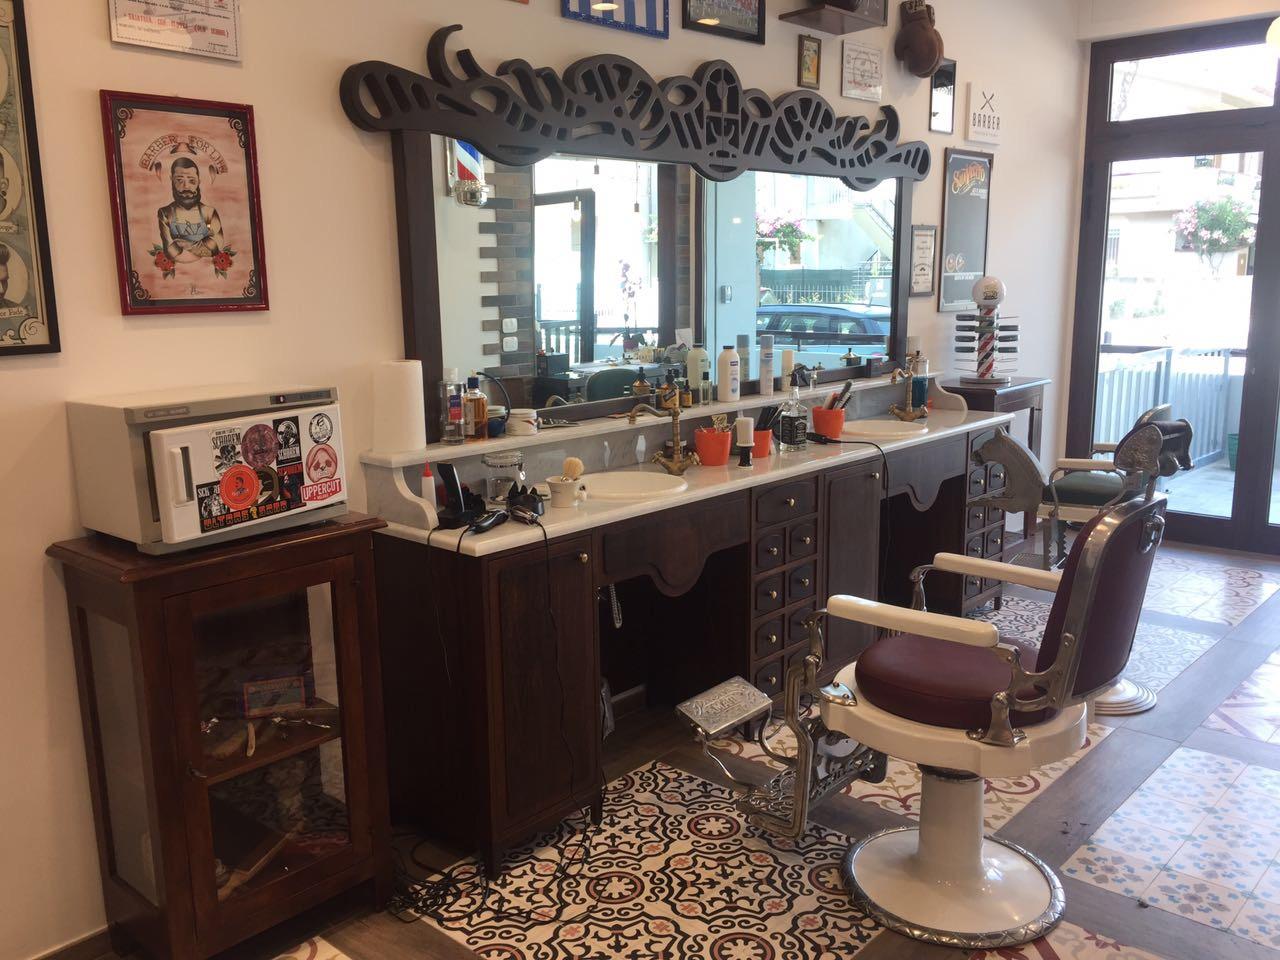 Lo studio in zona tuscolano a roma è a disposizione per consulenze e interventi completi per l'allestimento ed il rinnovo di negozi per parrucchieri e. Arredo Design Group Home